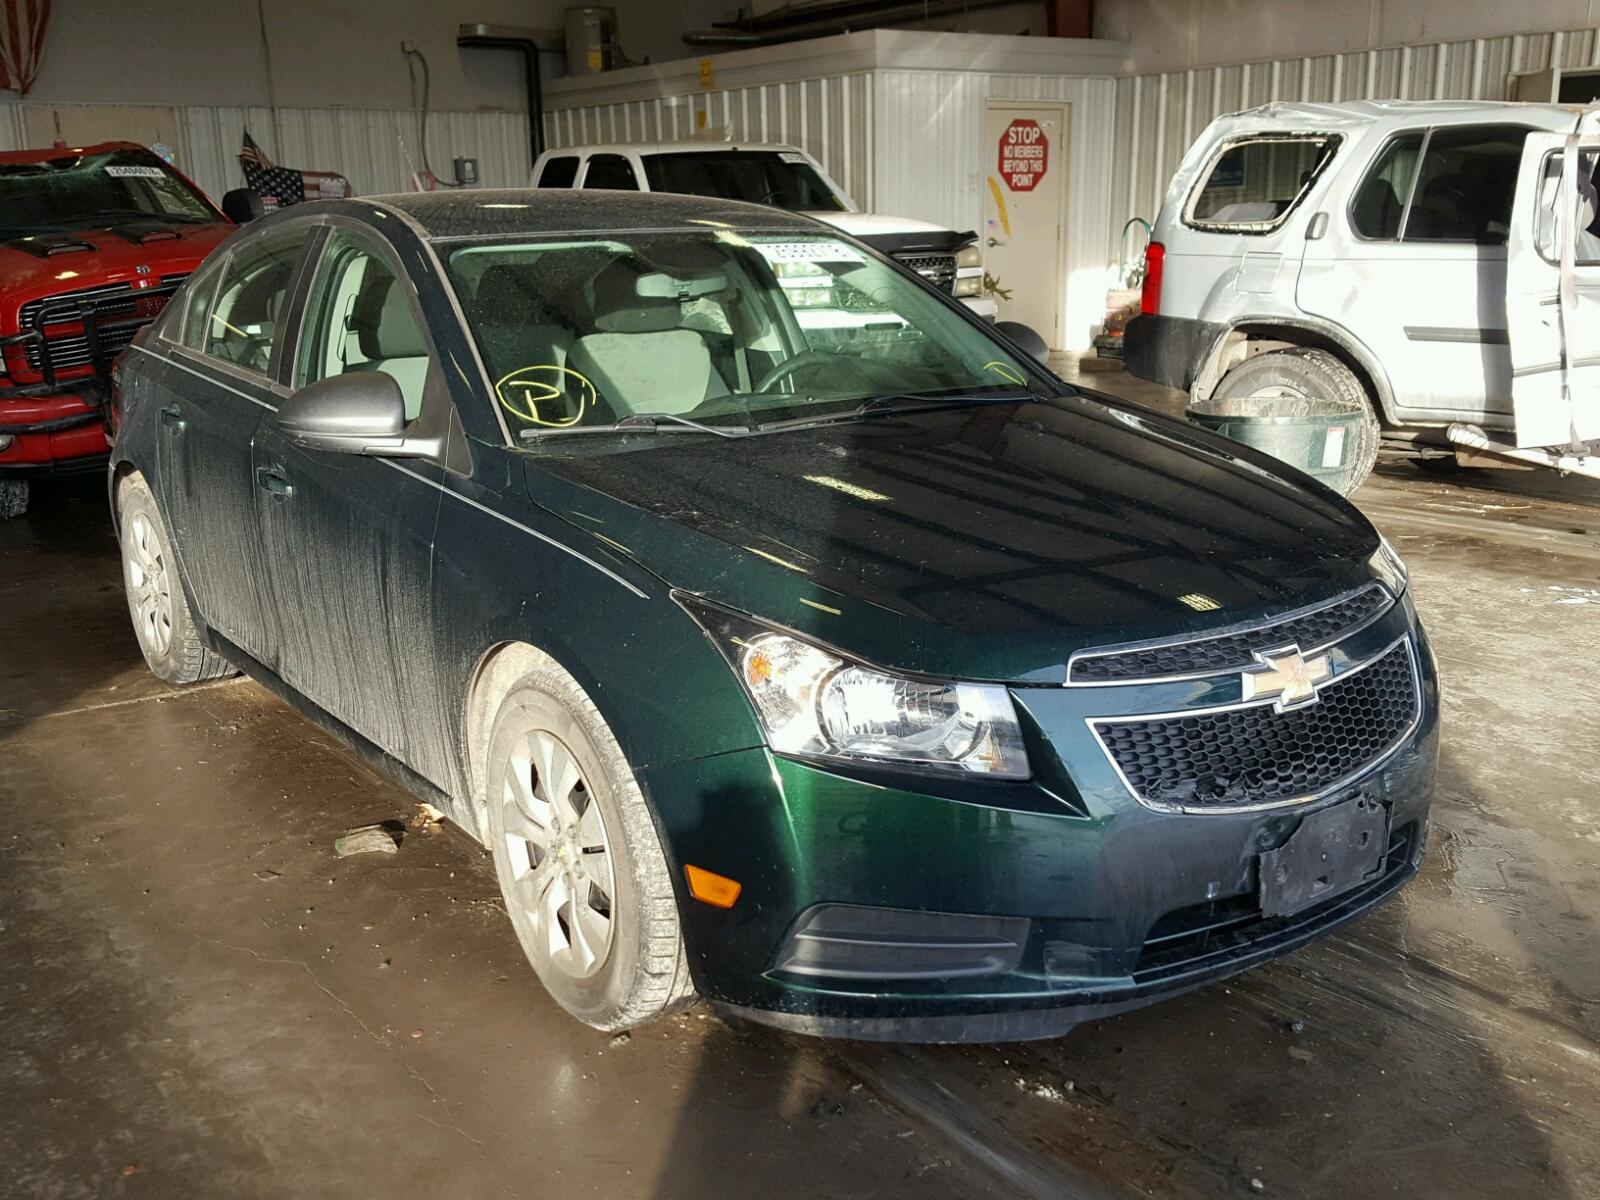 Reliable Chevrolet Springfield Mo U003eu003e 1G1PA5SH7E, Image Source:  Autobidmaster.com